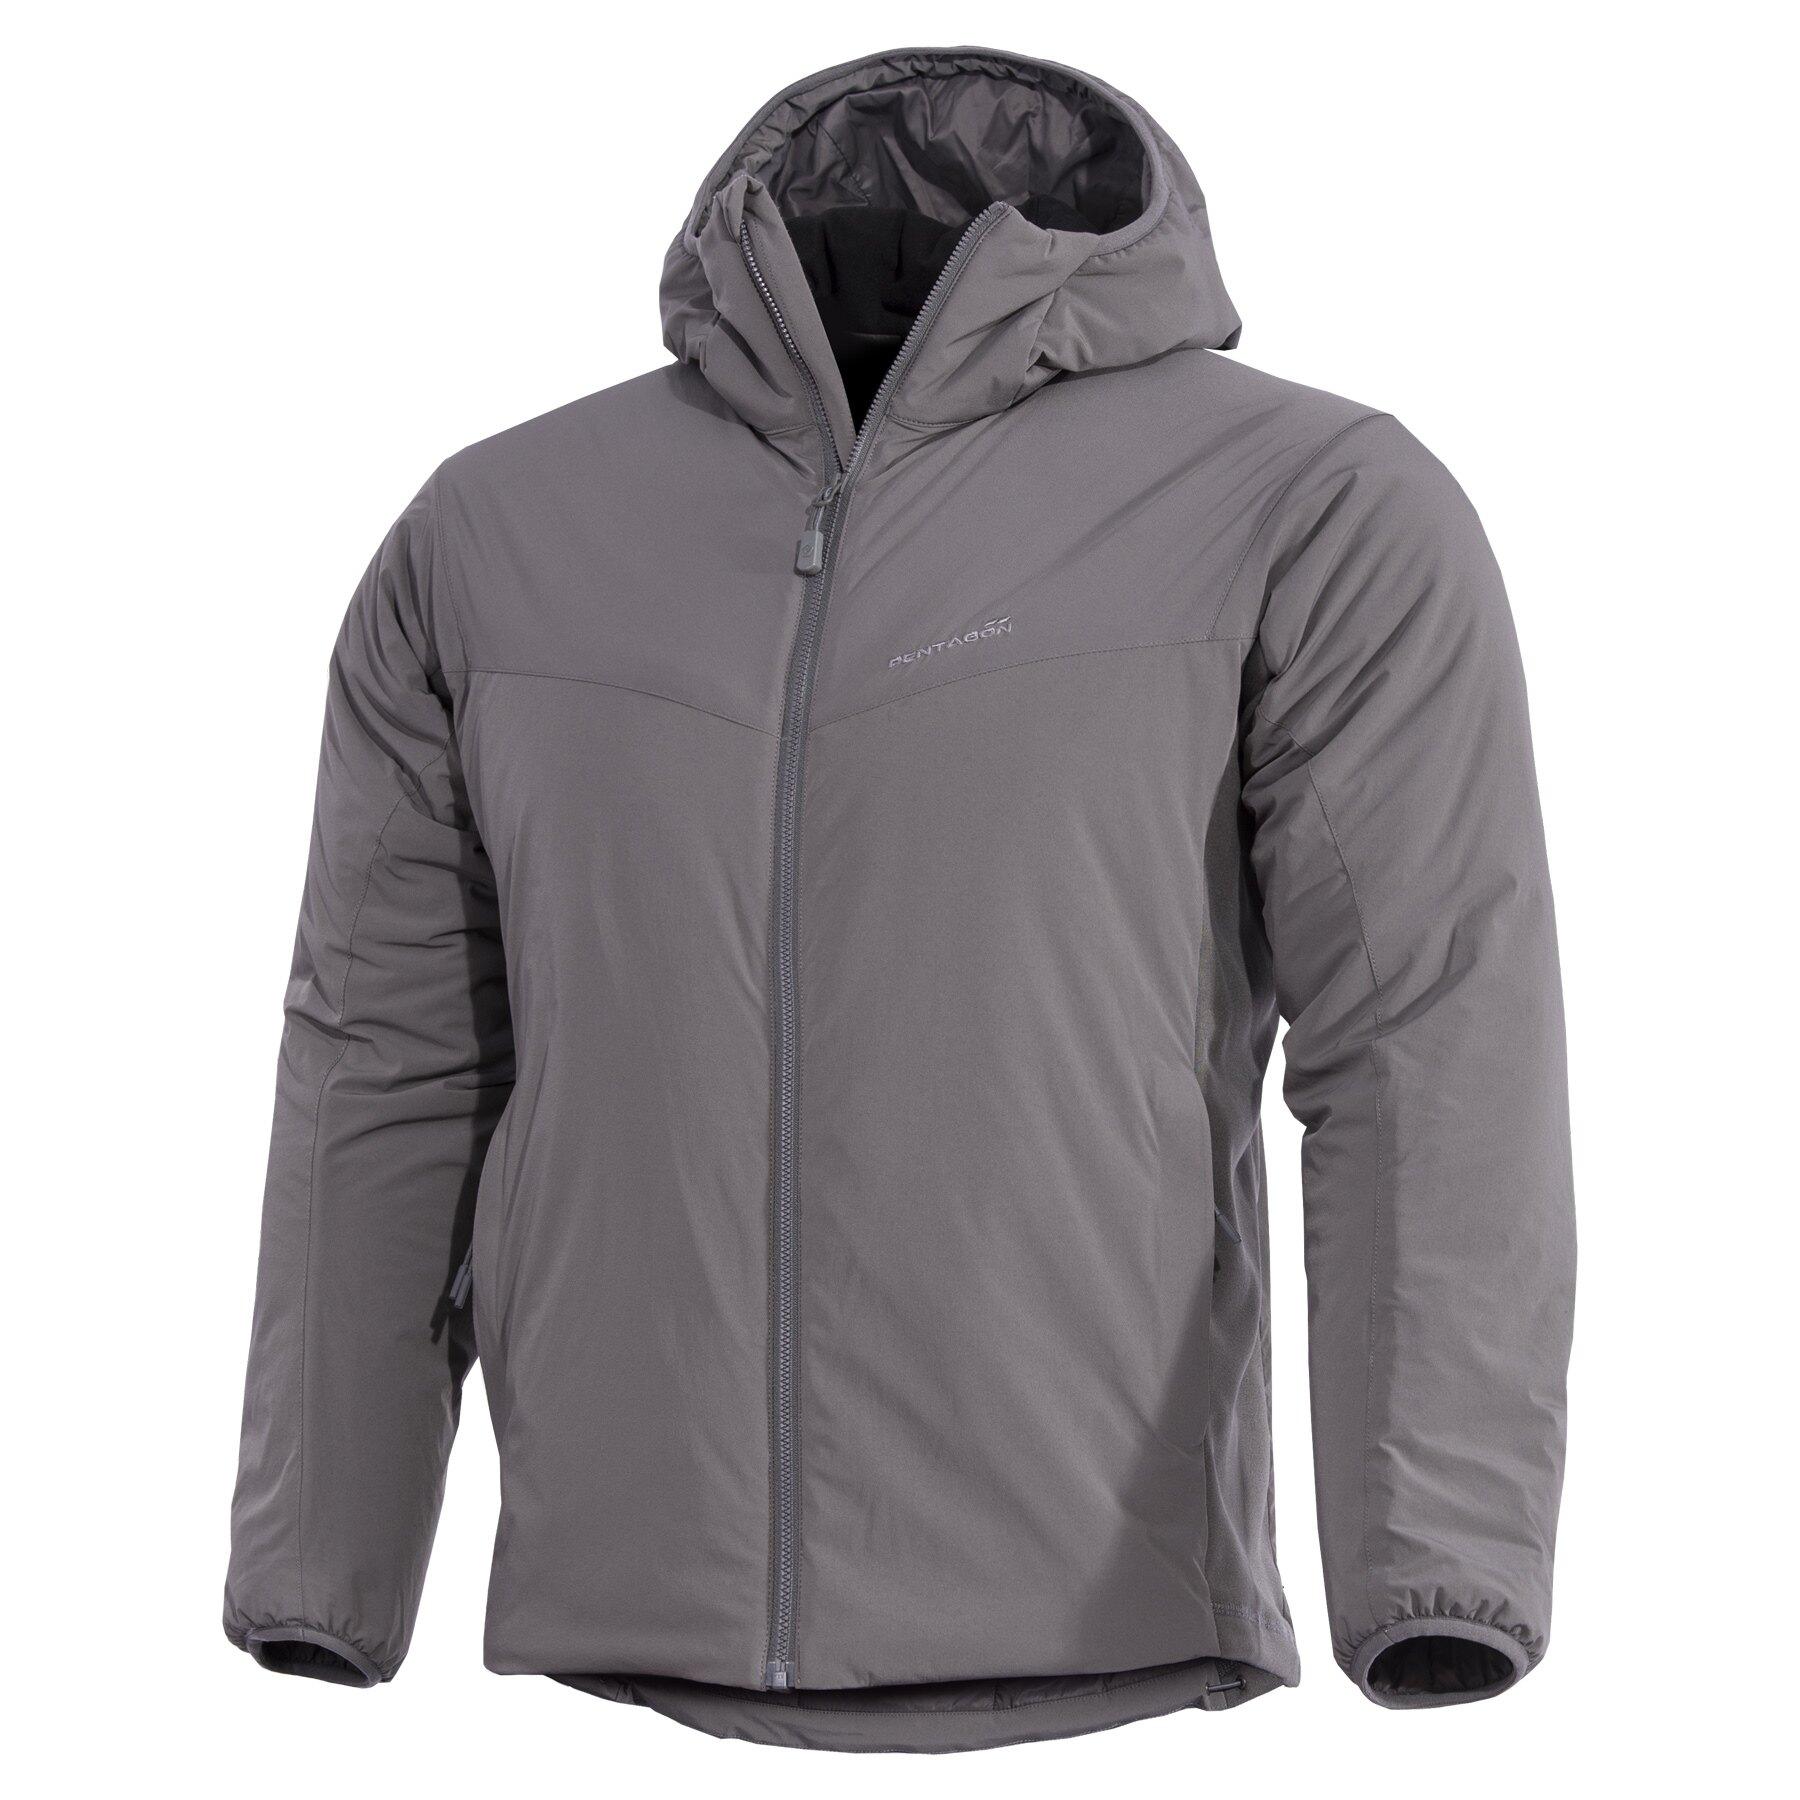 Ľahká zateplená bunda Panthiras Pentagon® – Cinder Grey (Farba: Cinder Grey, Veľkosť: 3XL)